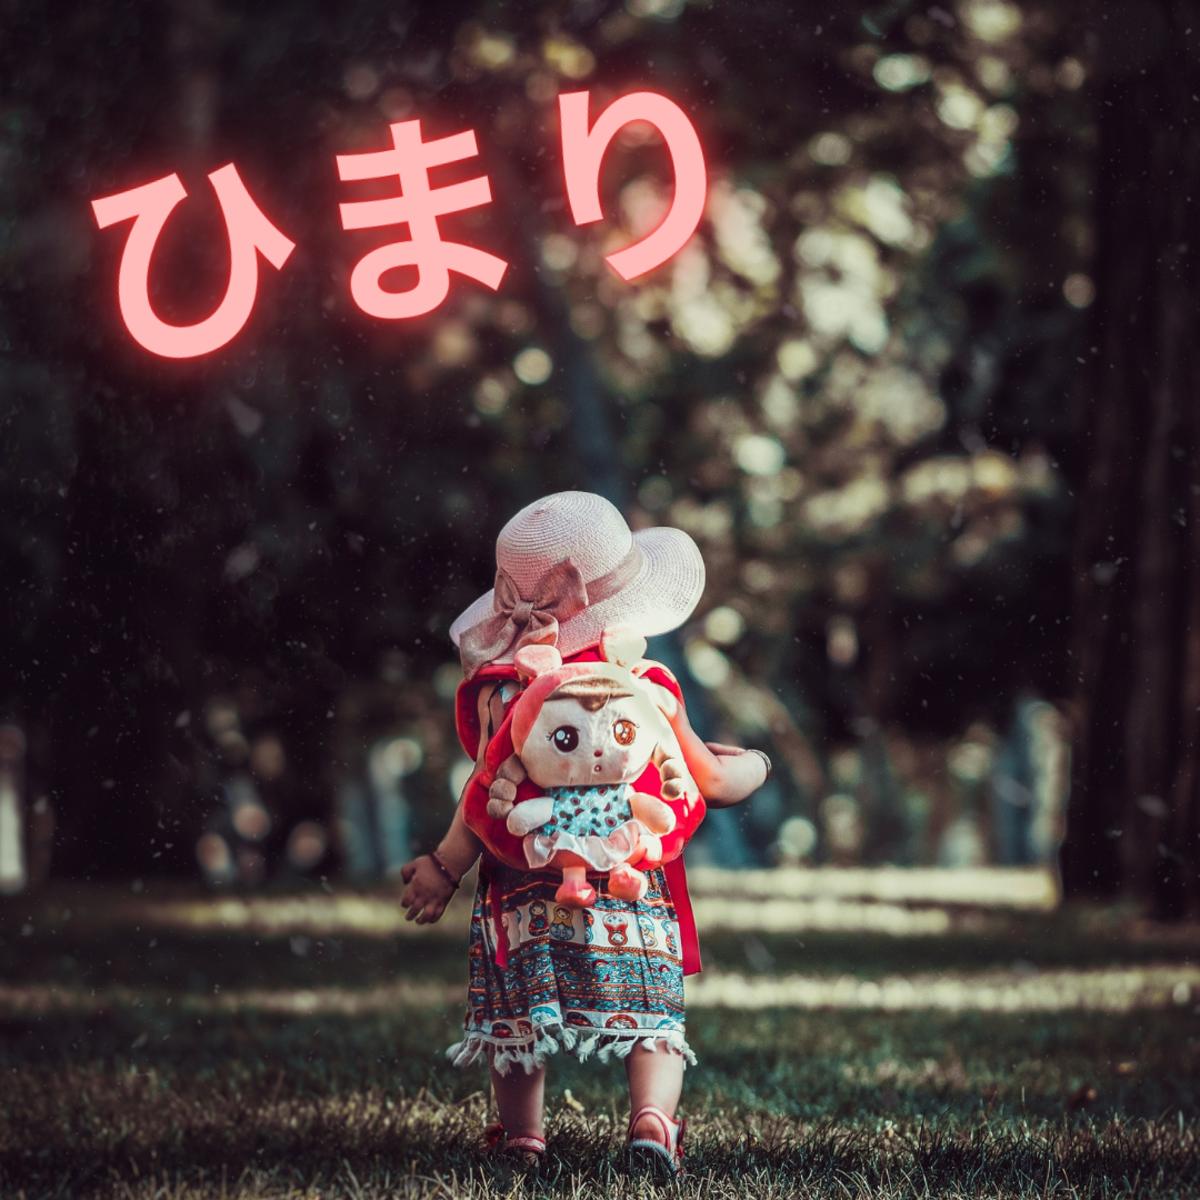 Himari, love/light